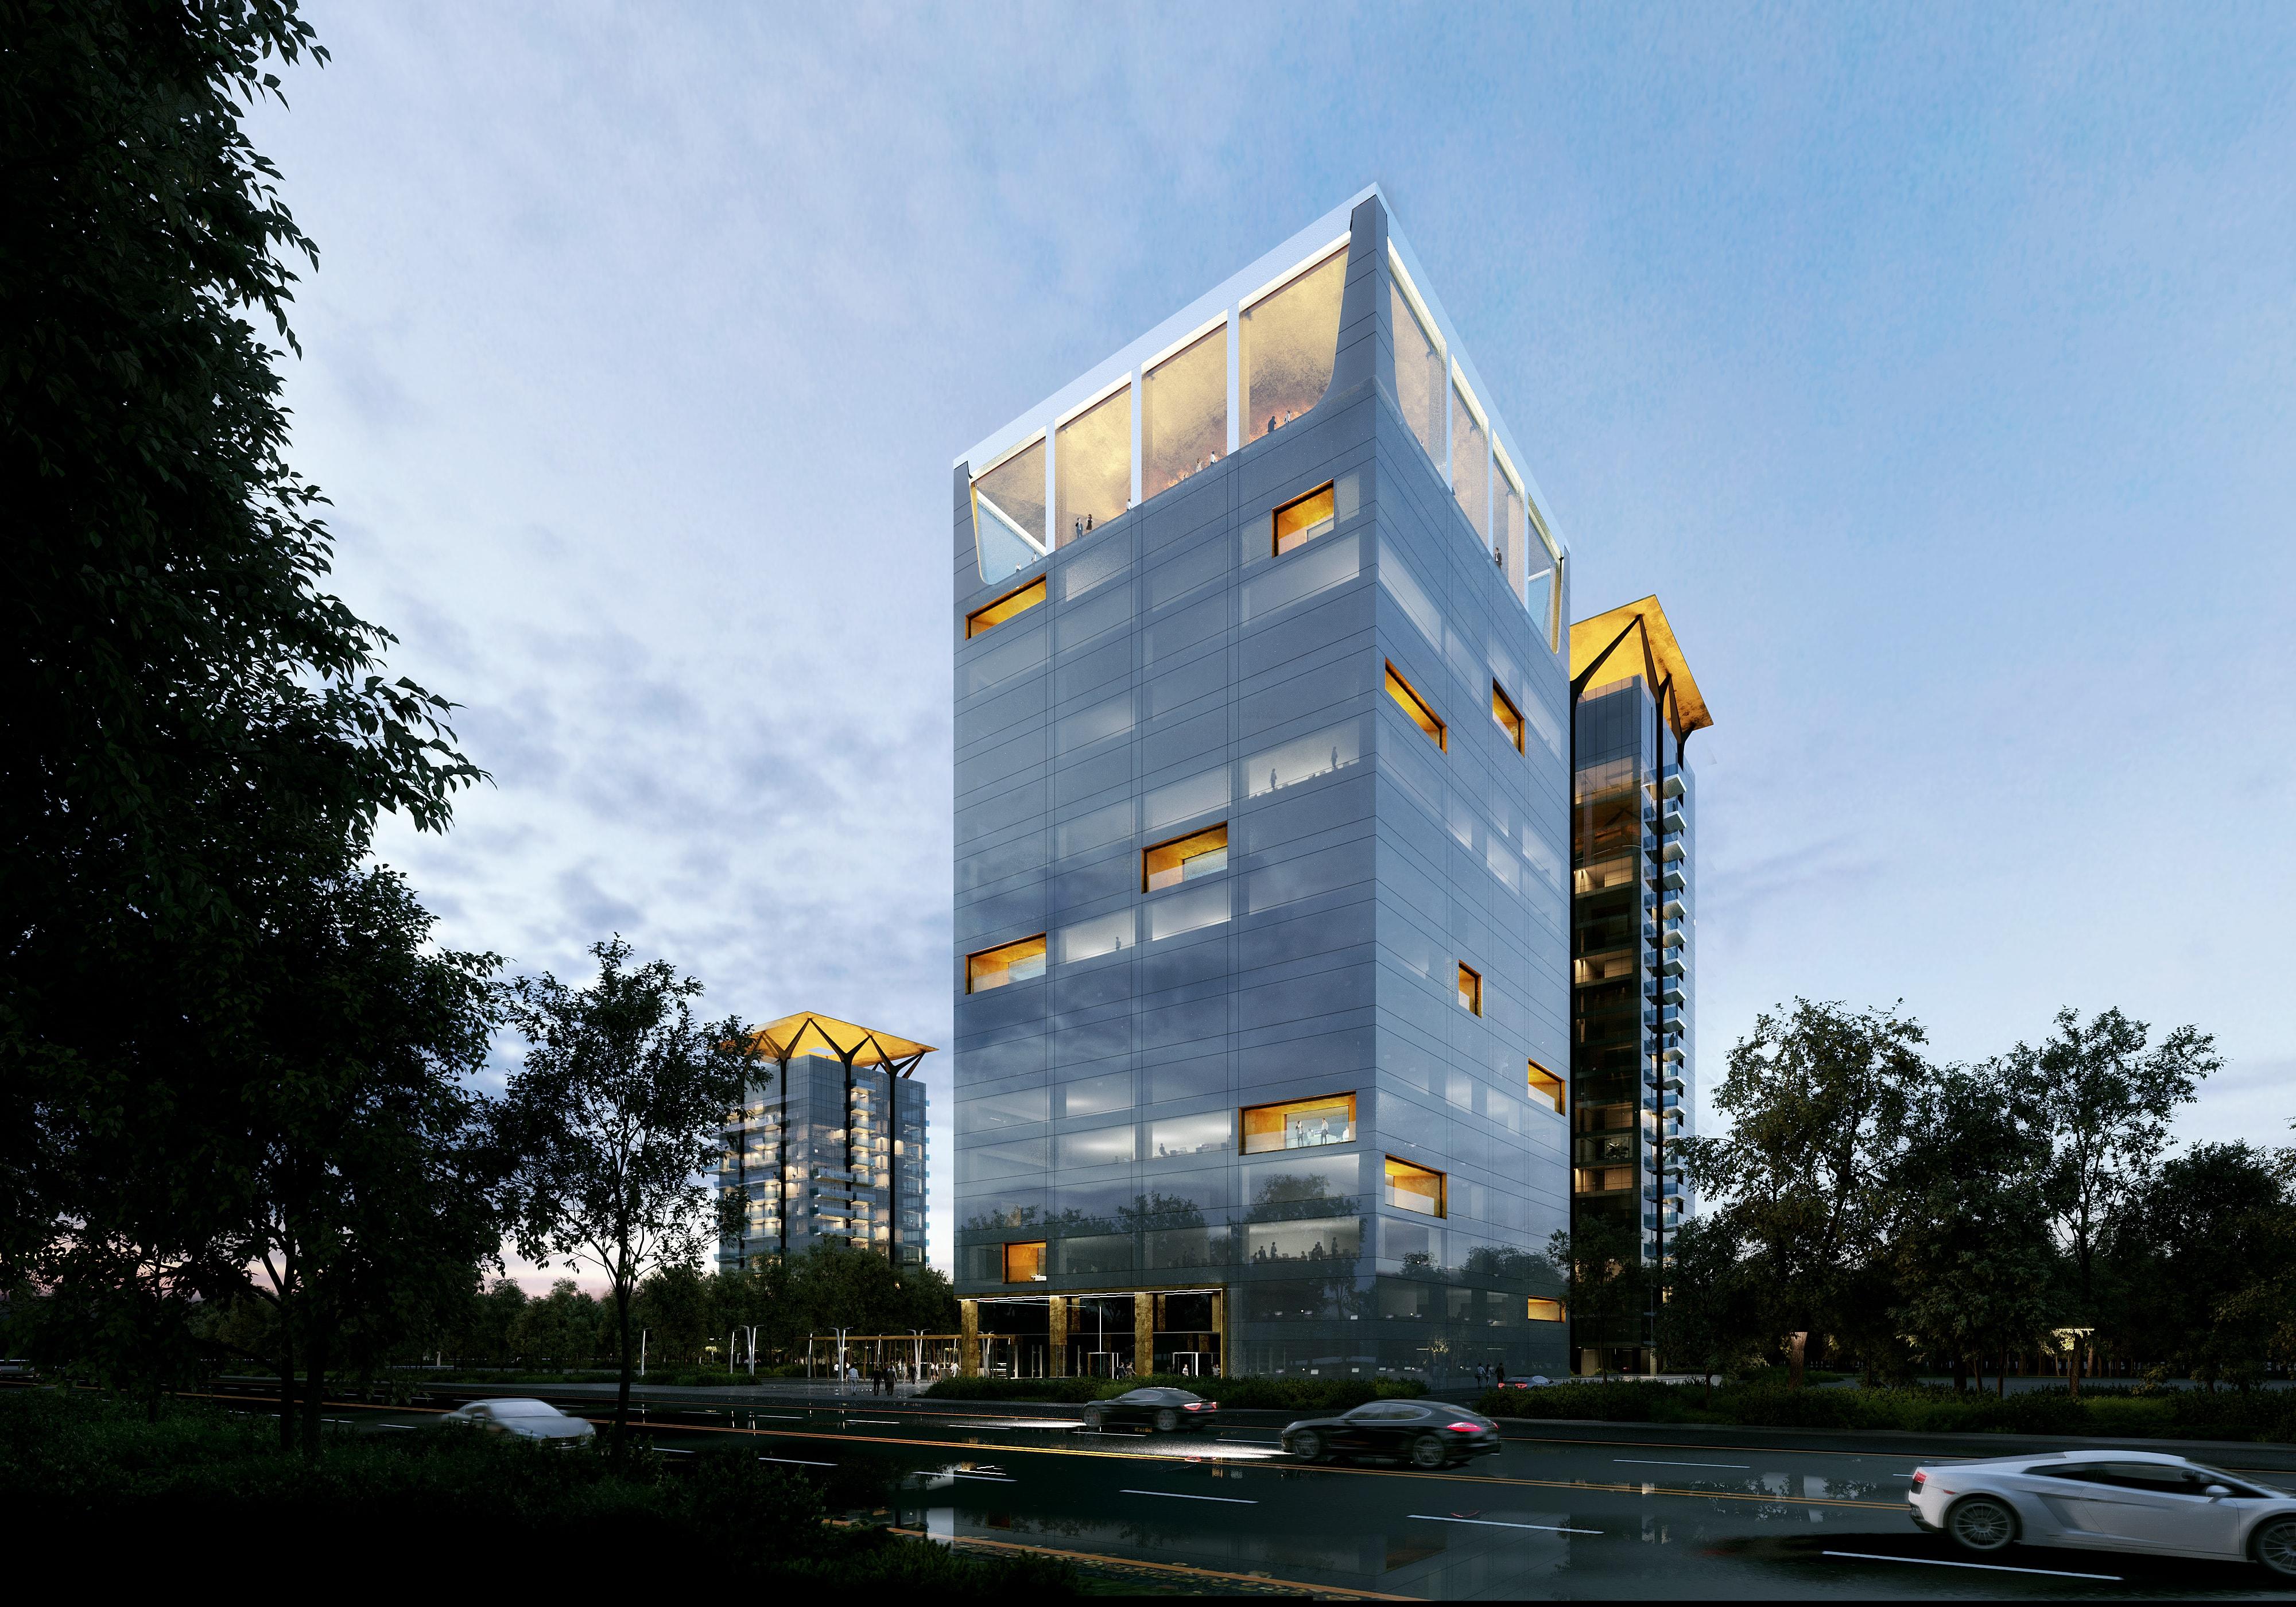 One Tower, proiectul dezvoltat de One United Properties, a obtinut cea mai performanta pre-certificare LEED pe piata romaneasca